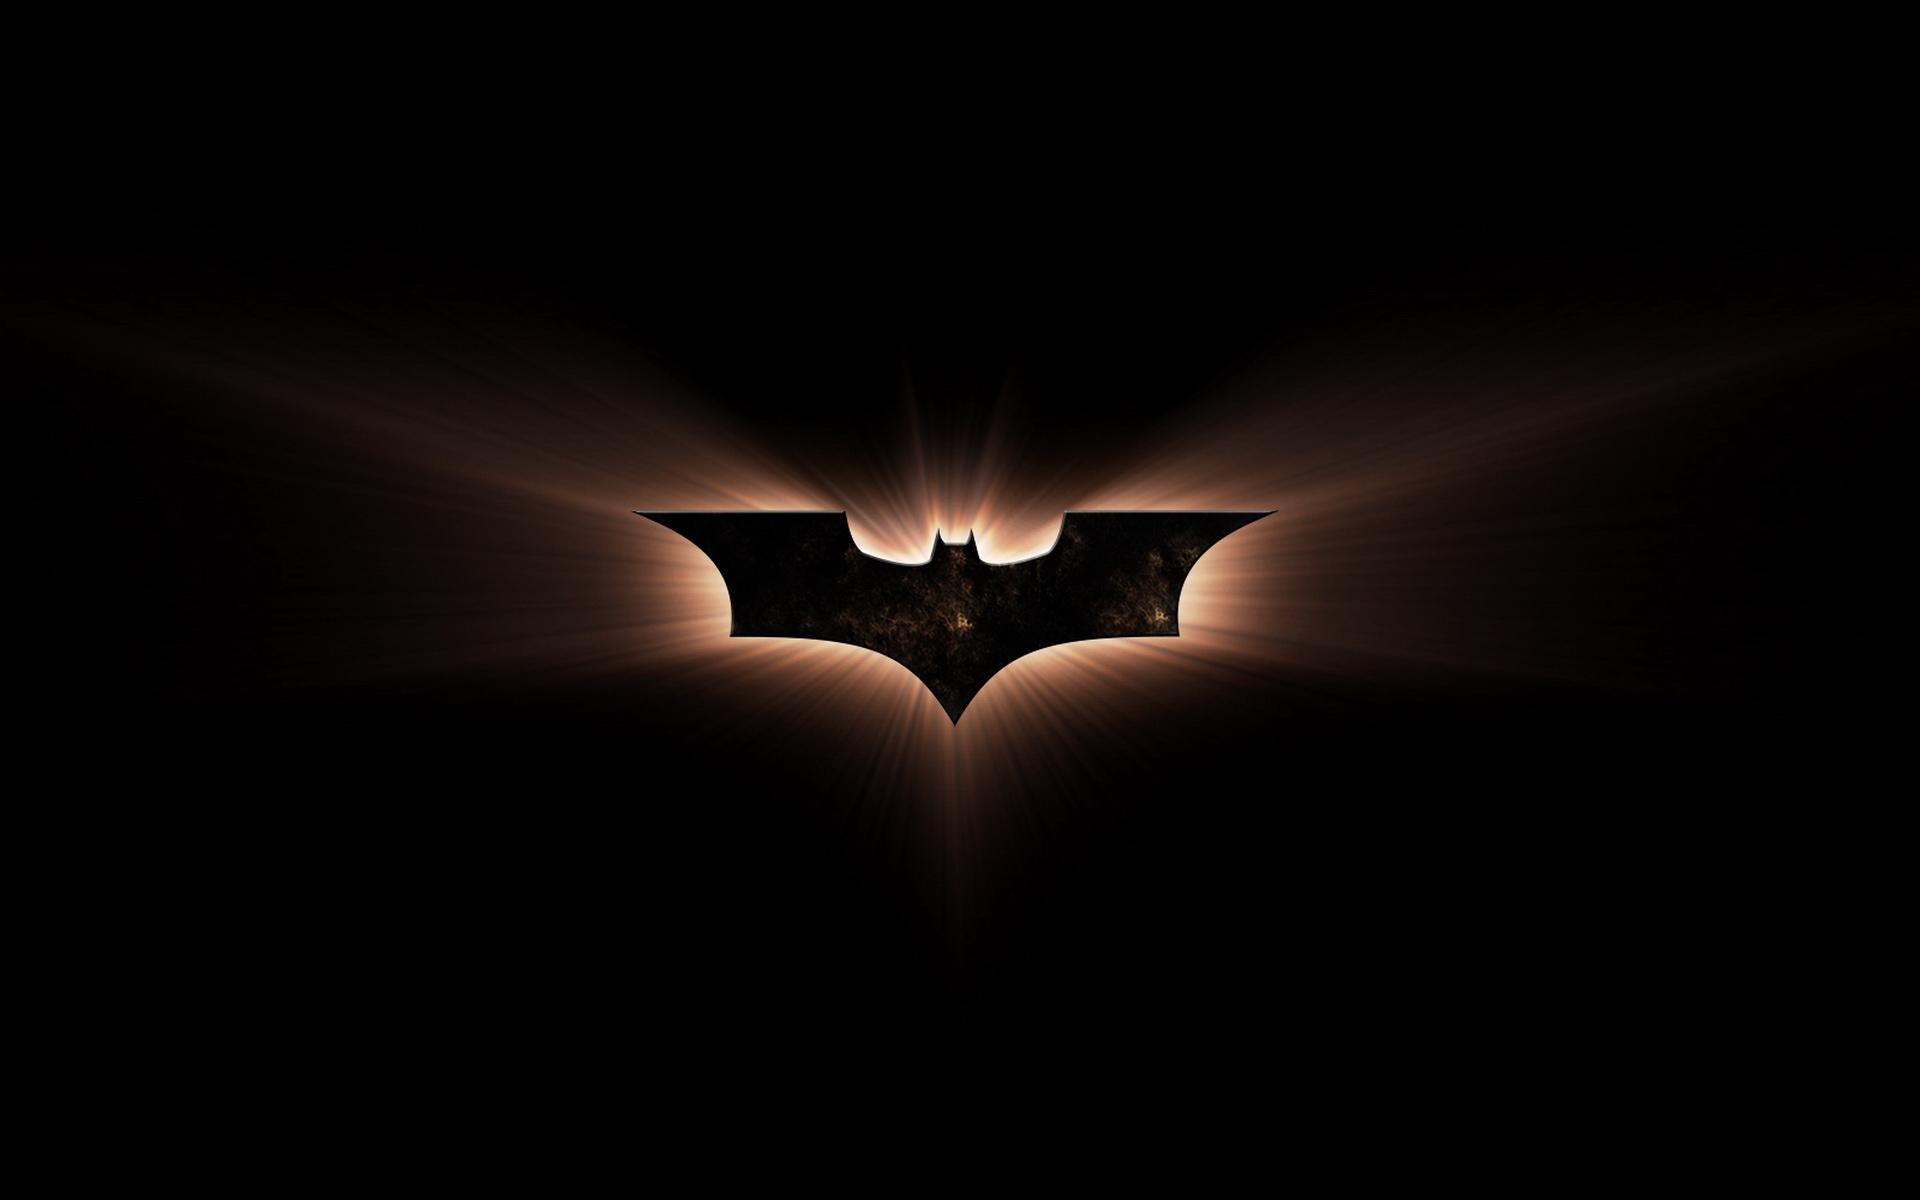 500 Batman Logo Wallpapers HD Images Vectors Free Download